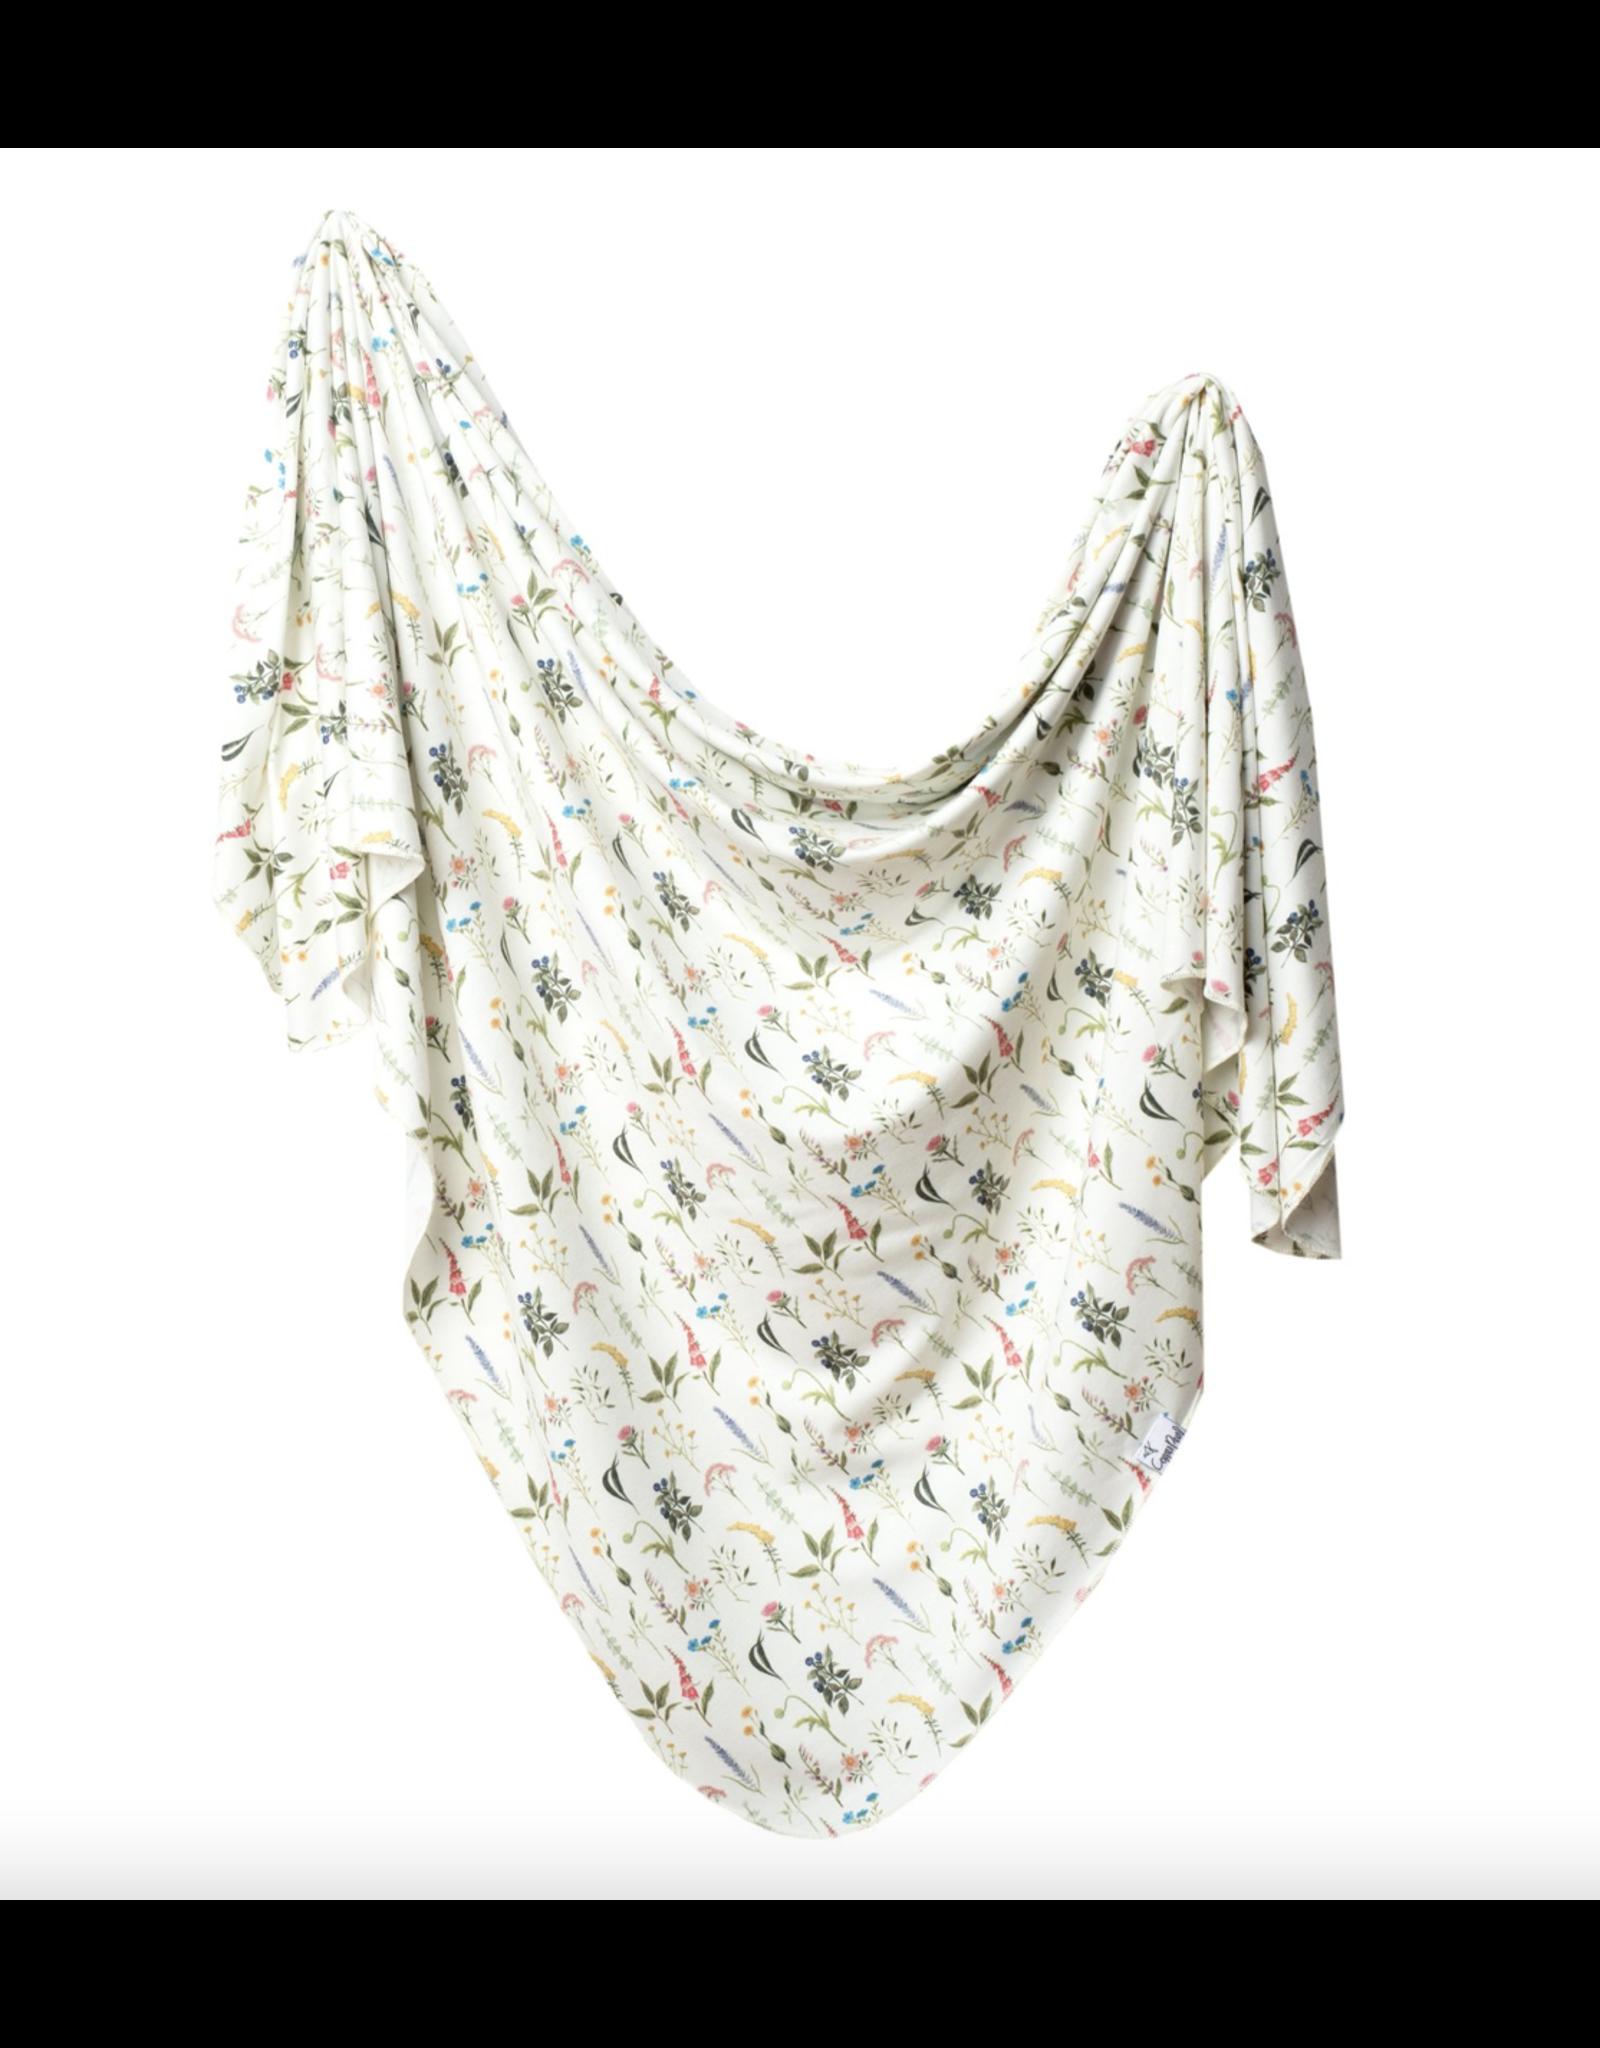 Copper Pearl Blanket Knit Aspen